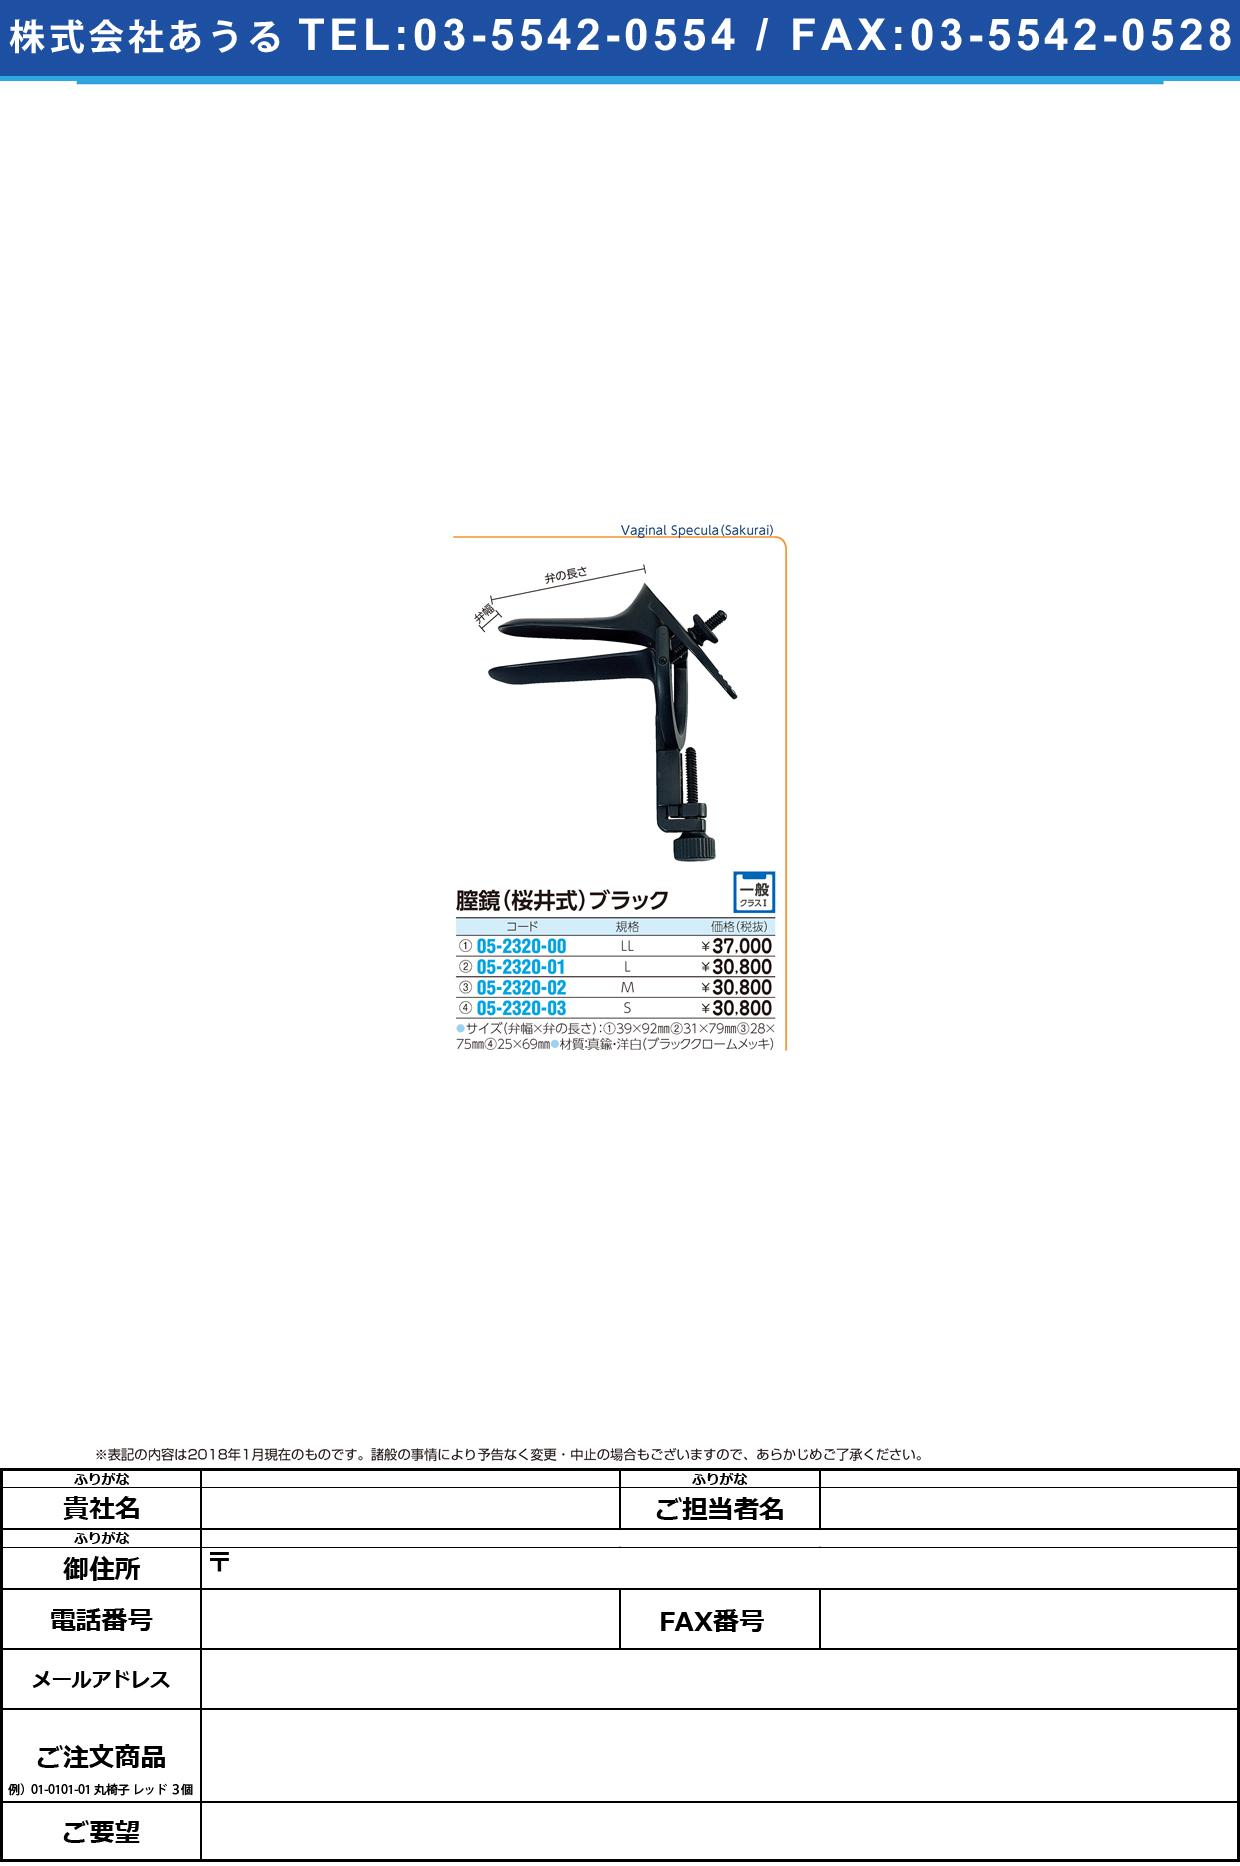 (05-2320-02)膣鏡(桜井氏)ブラック M チツキョウ(サクライシ)ブラック【1個単位】【2018年カタログ商品】